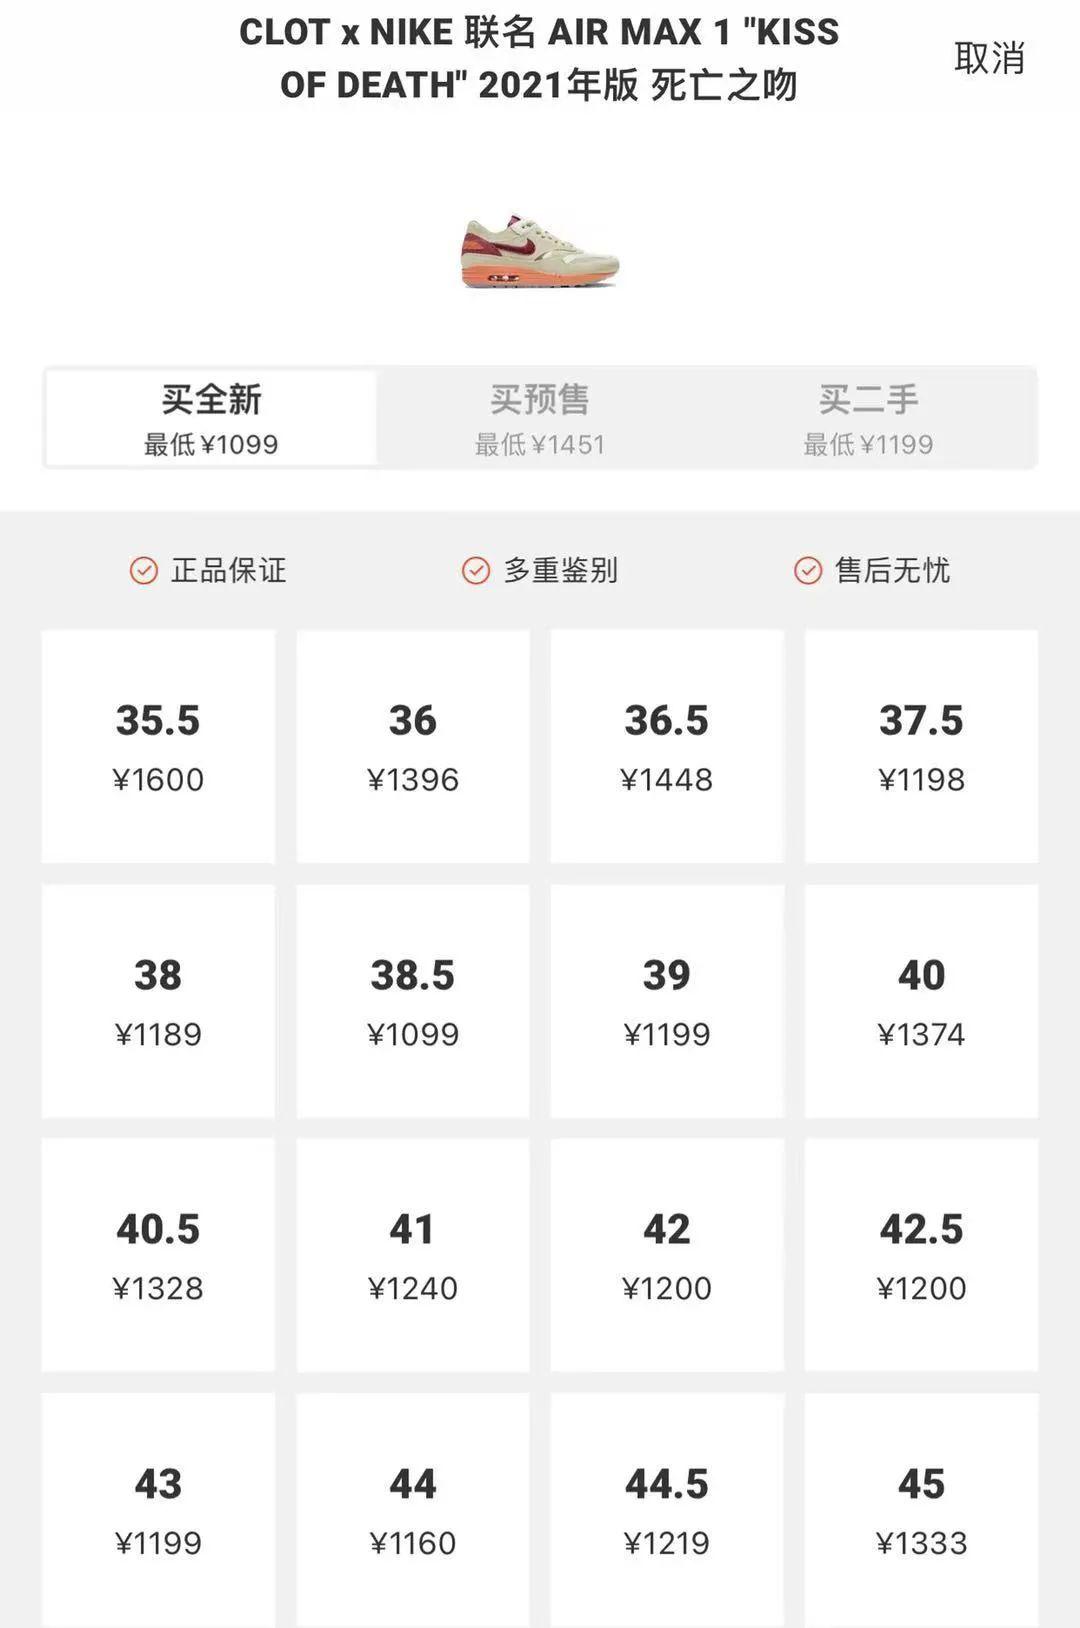 跌破原价!陈冠希 x Nike联名死亡之吻炒卖市场彻底崩盘!